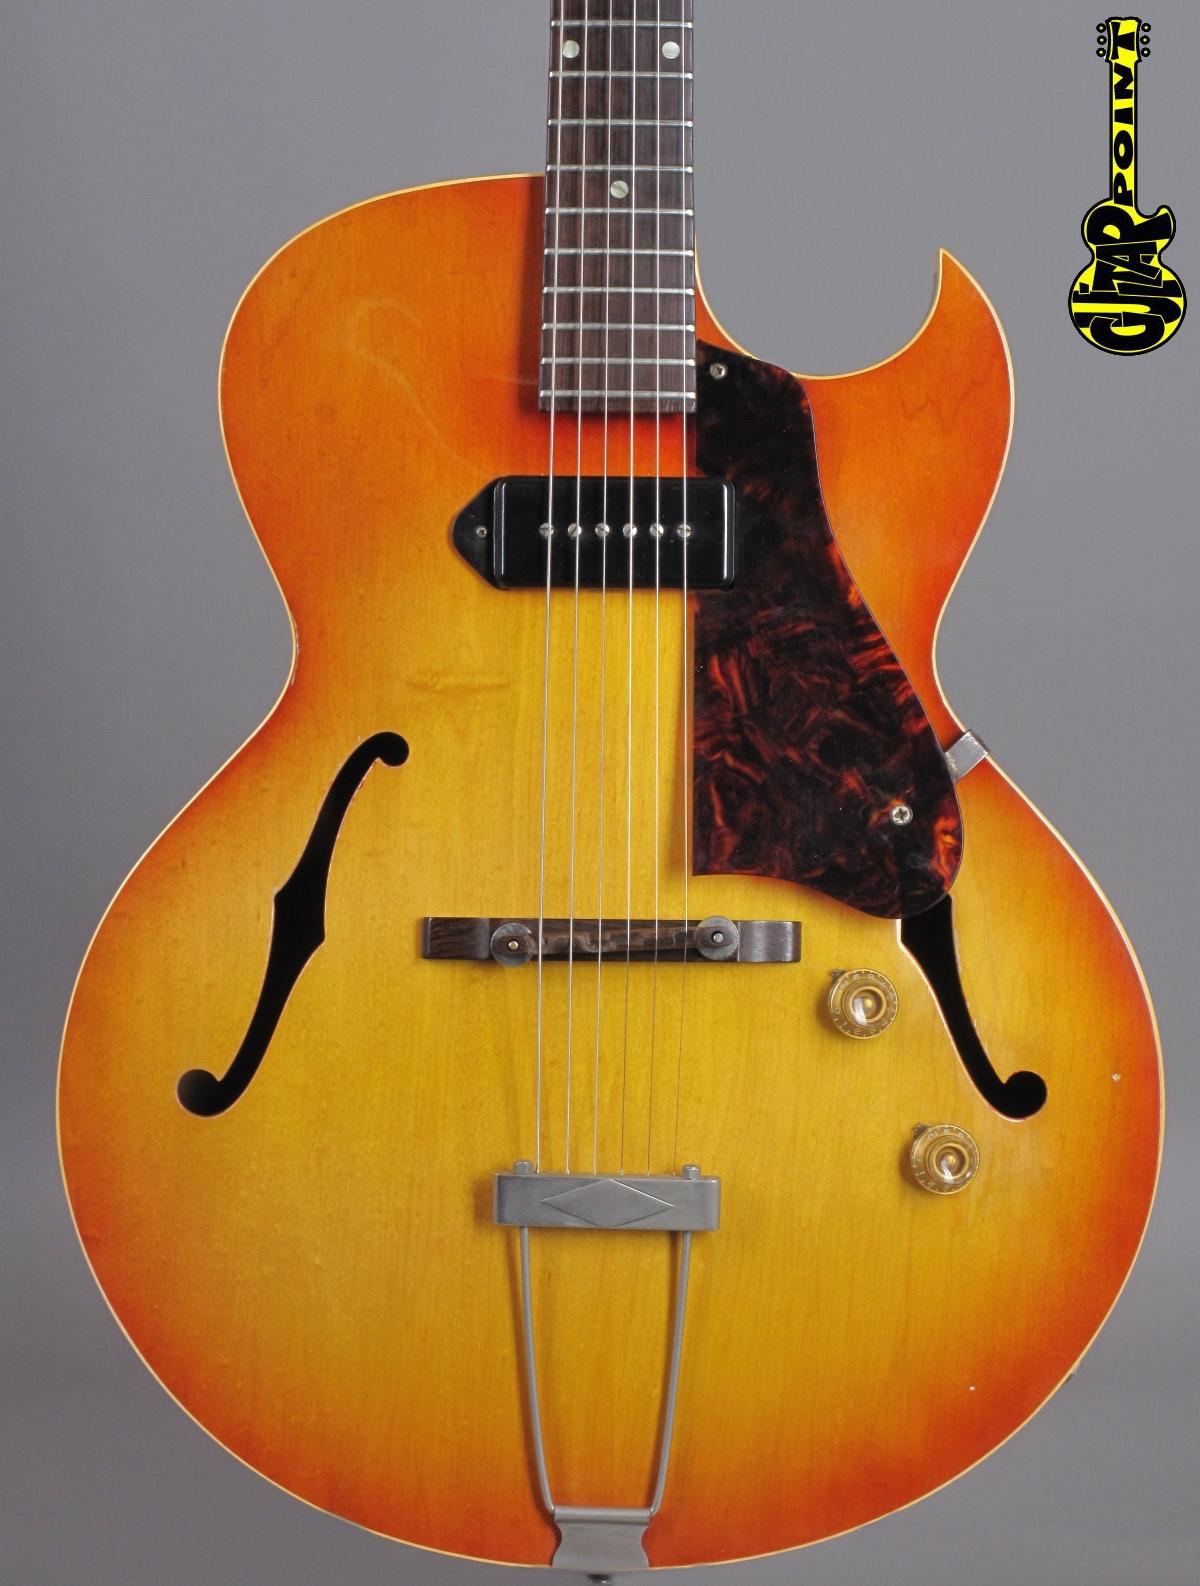 1961 Gibson ES 125 TC - Sunburst